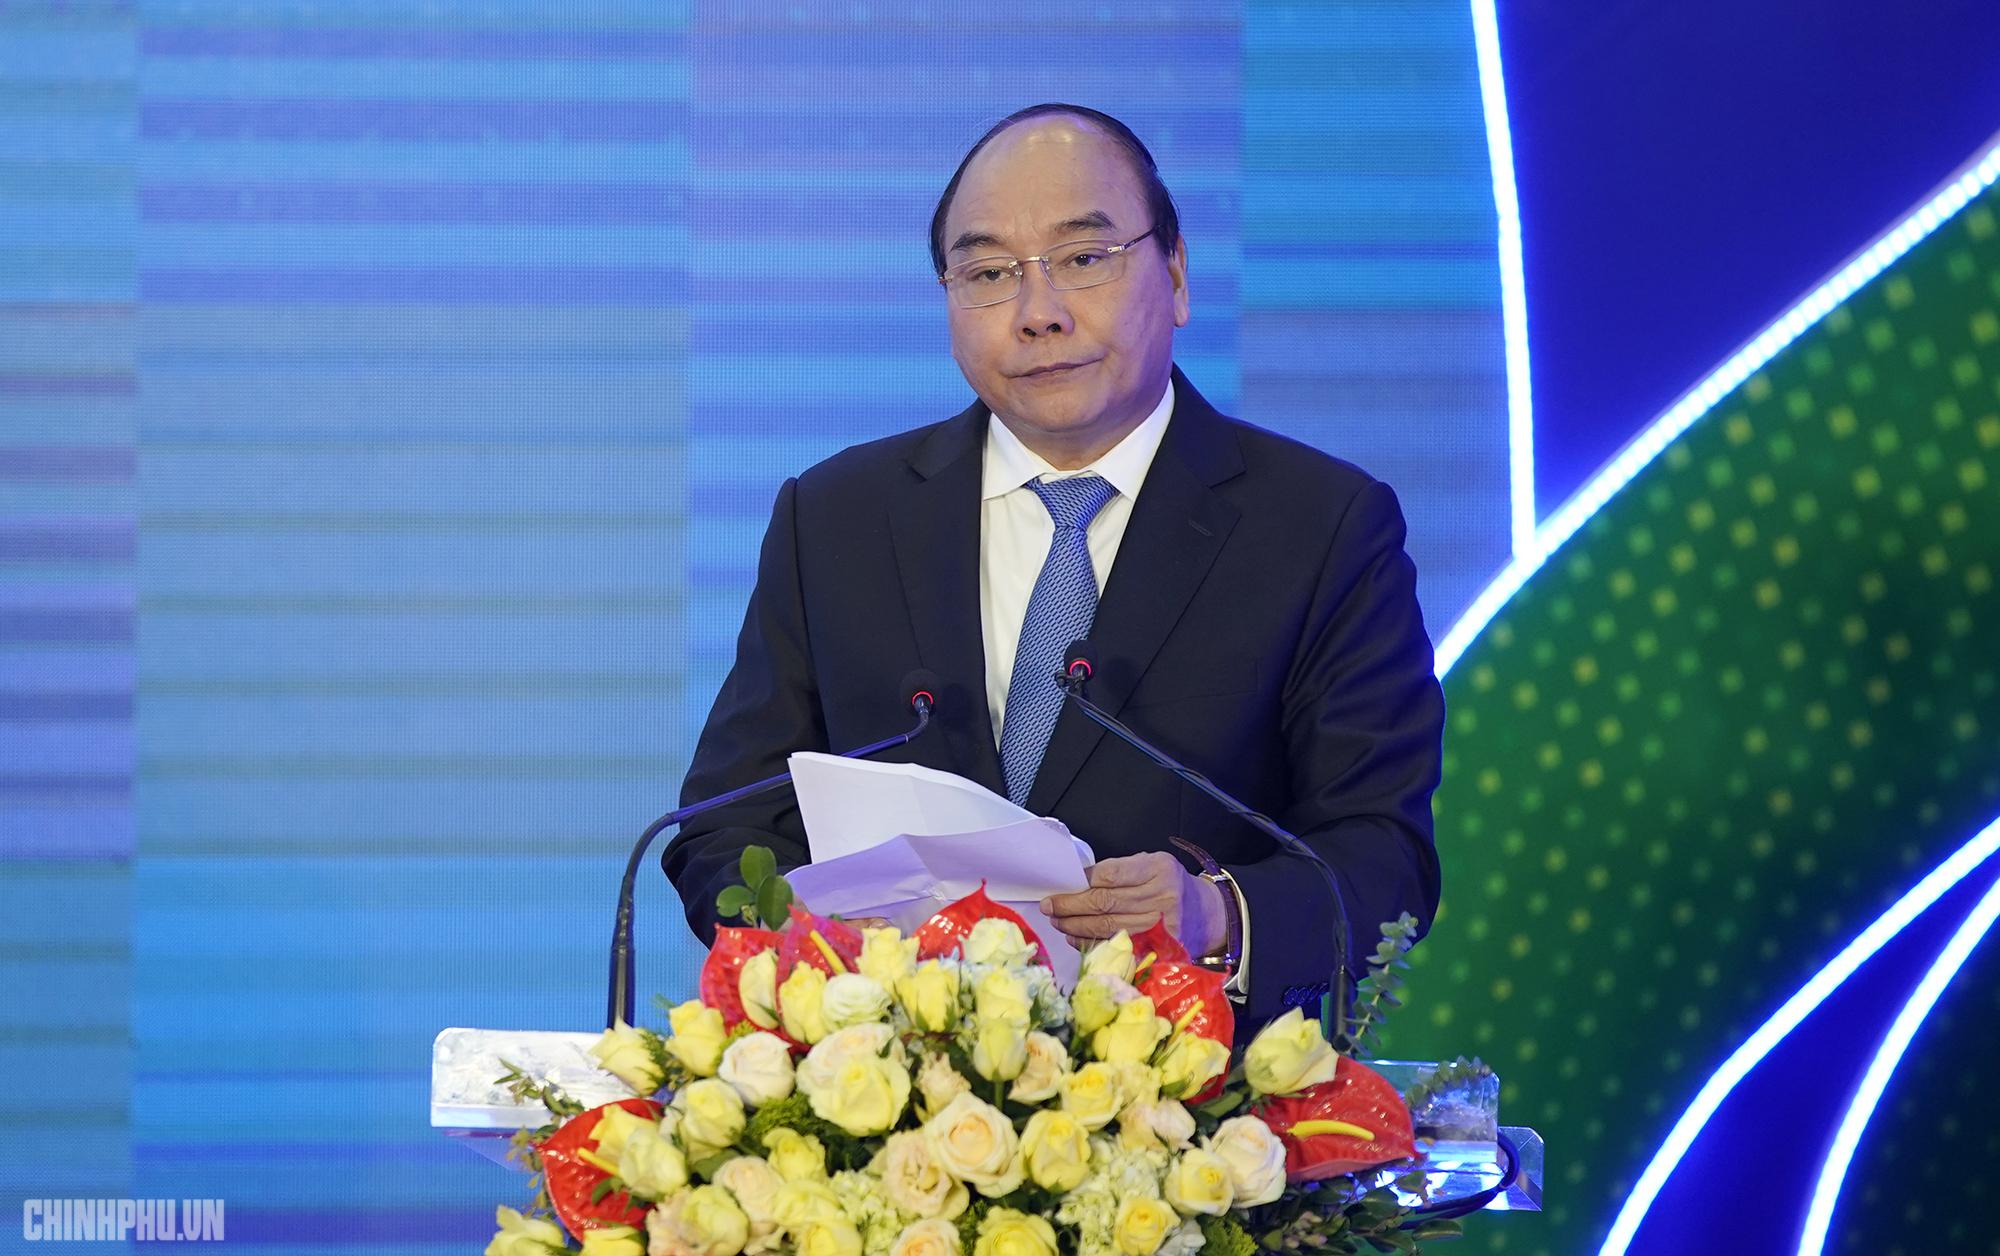 Thủ tướng Chính phủ Nguyễn Xuân Phúc phát động chương trình Sức khỏe Việt Nam